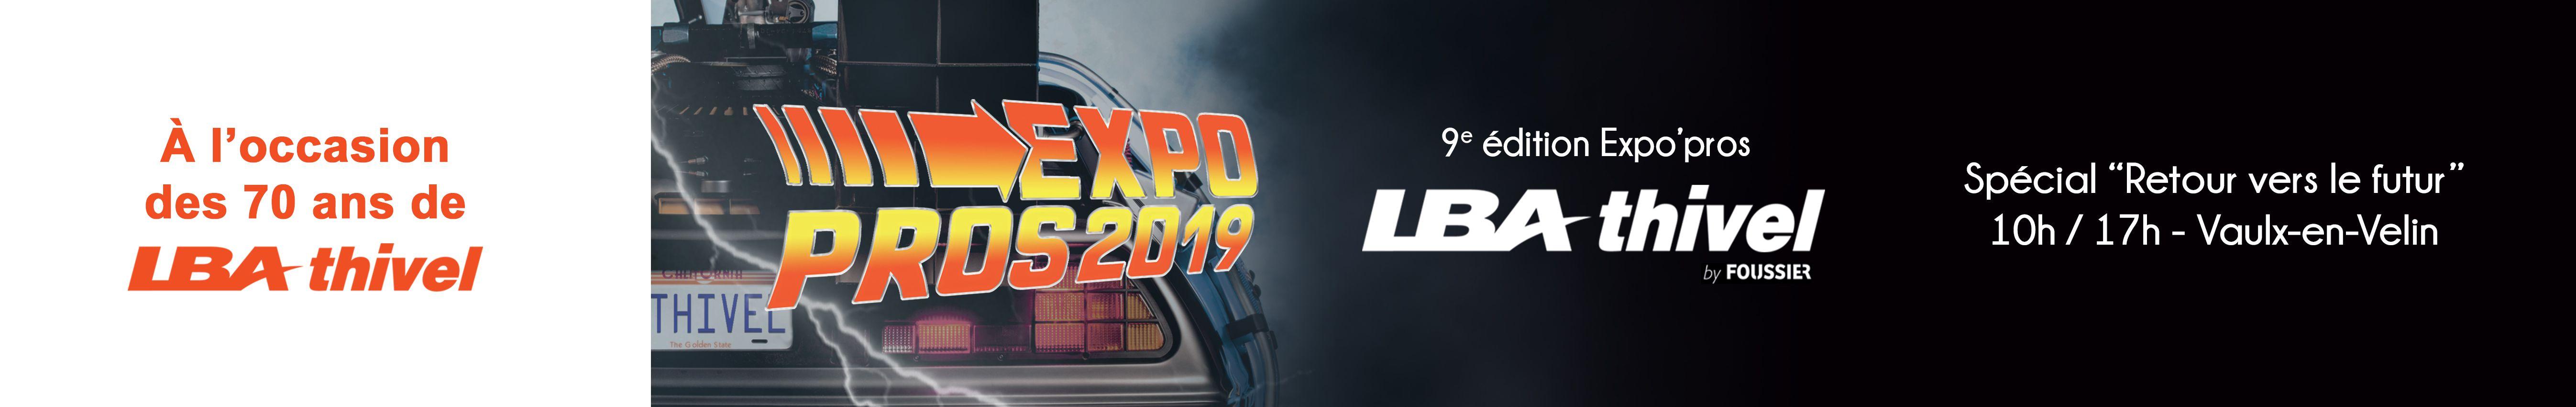 Expo Pros 2019